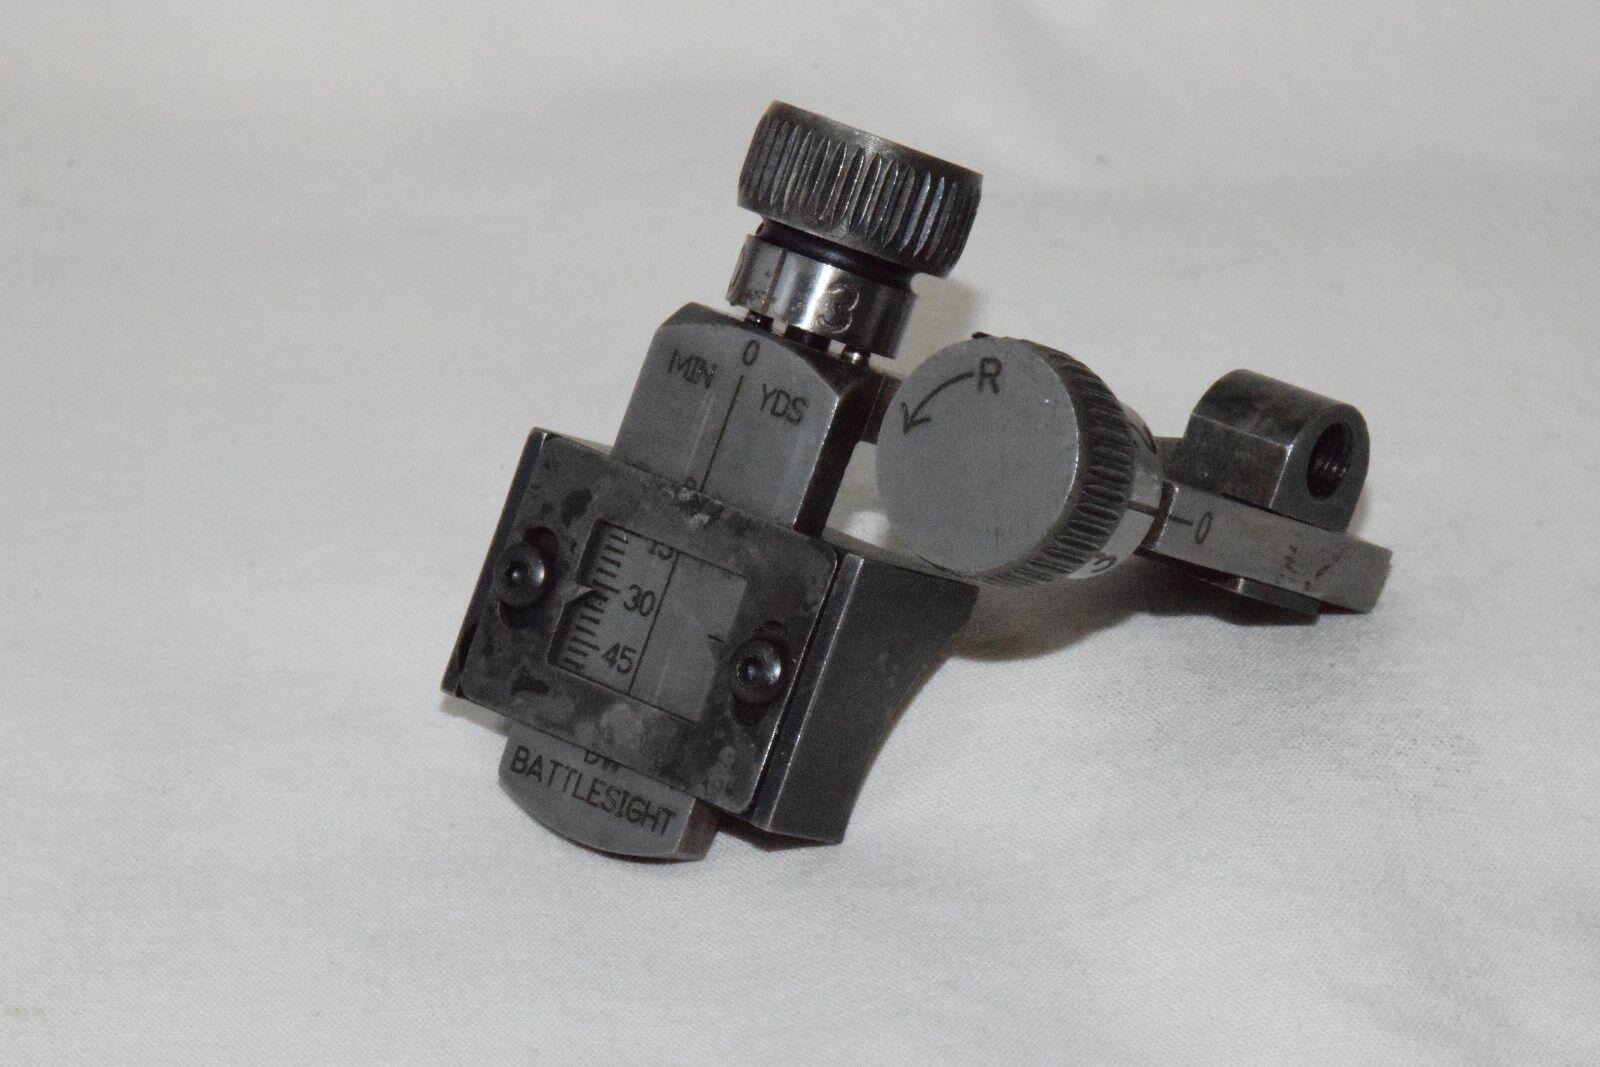 Nuevo Dw battlesight Ronda receptor Peep Sight Perno rifle de acción de la izquierda de montaje